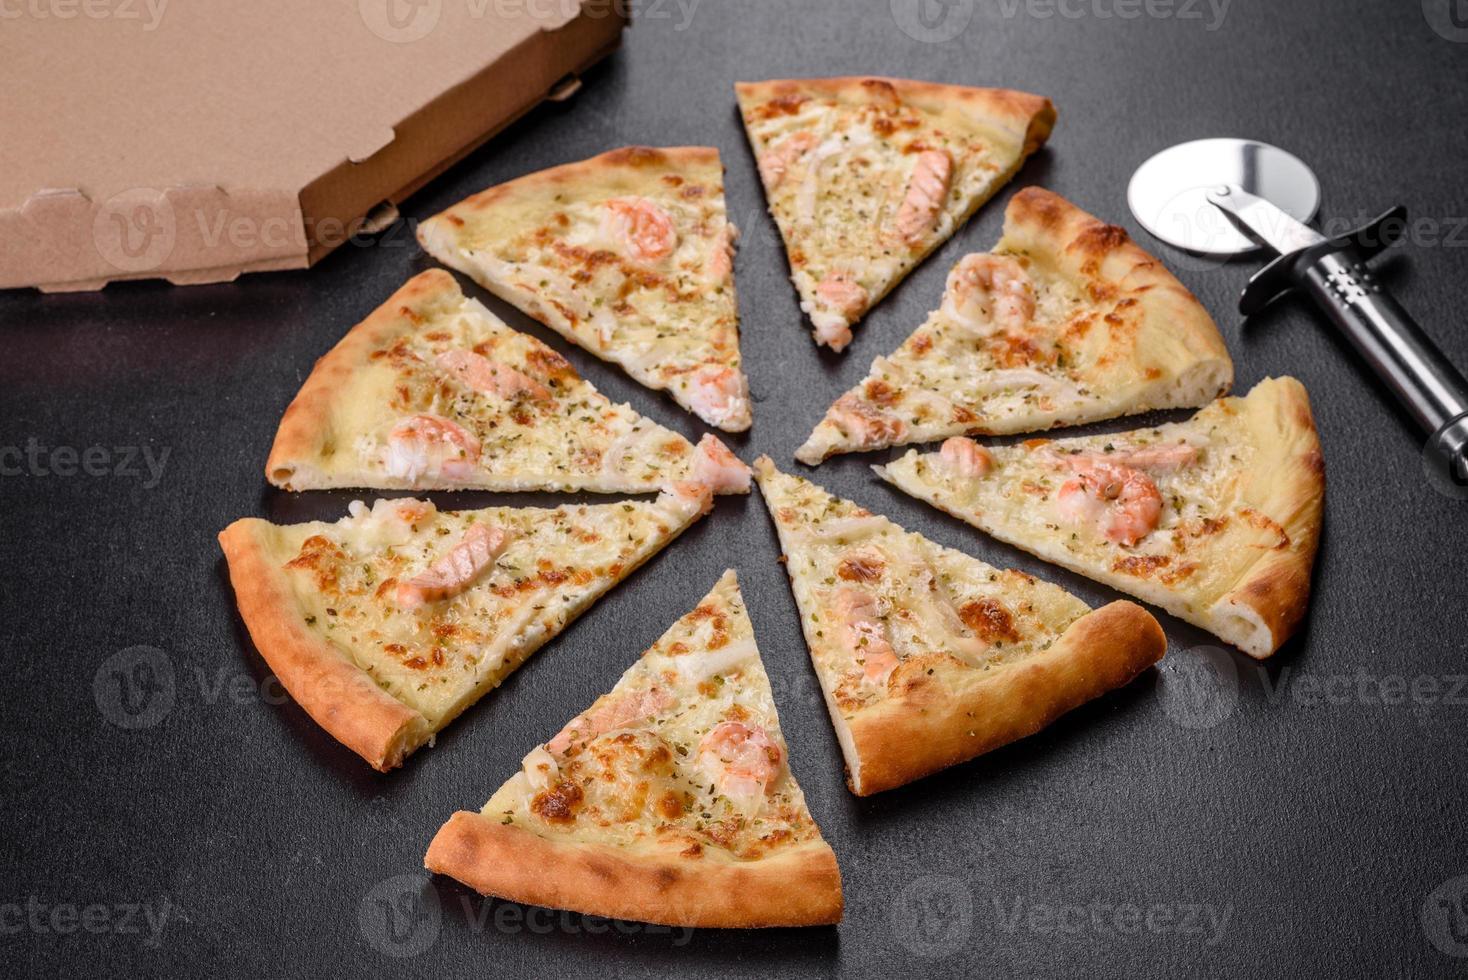 deliciosa pizza de horno de mariscos frescos foto